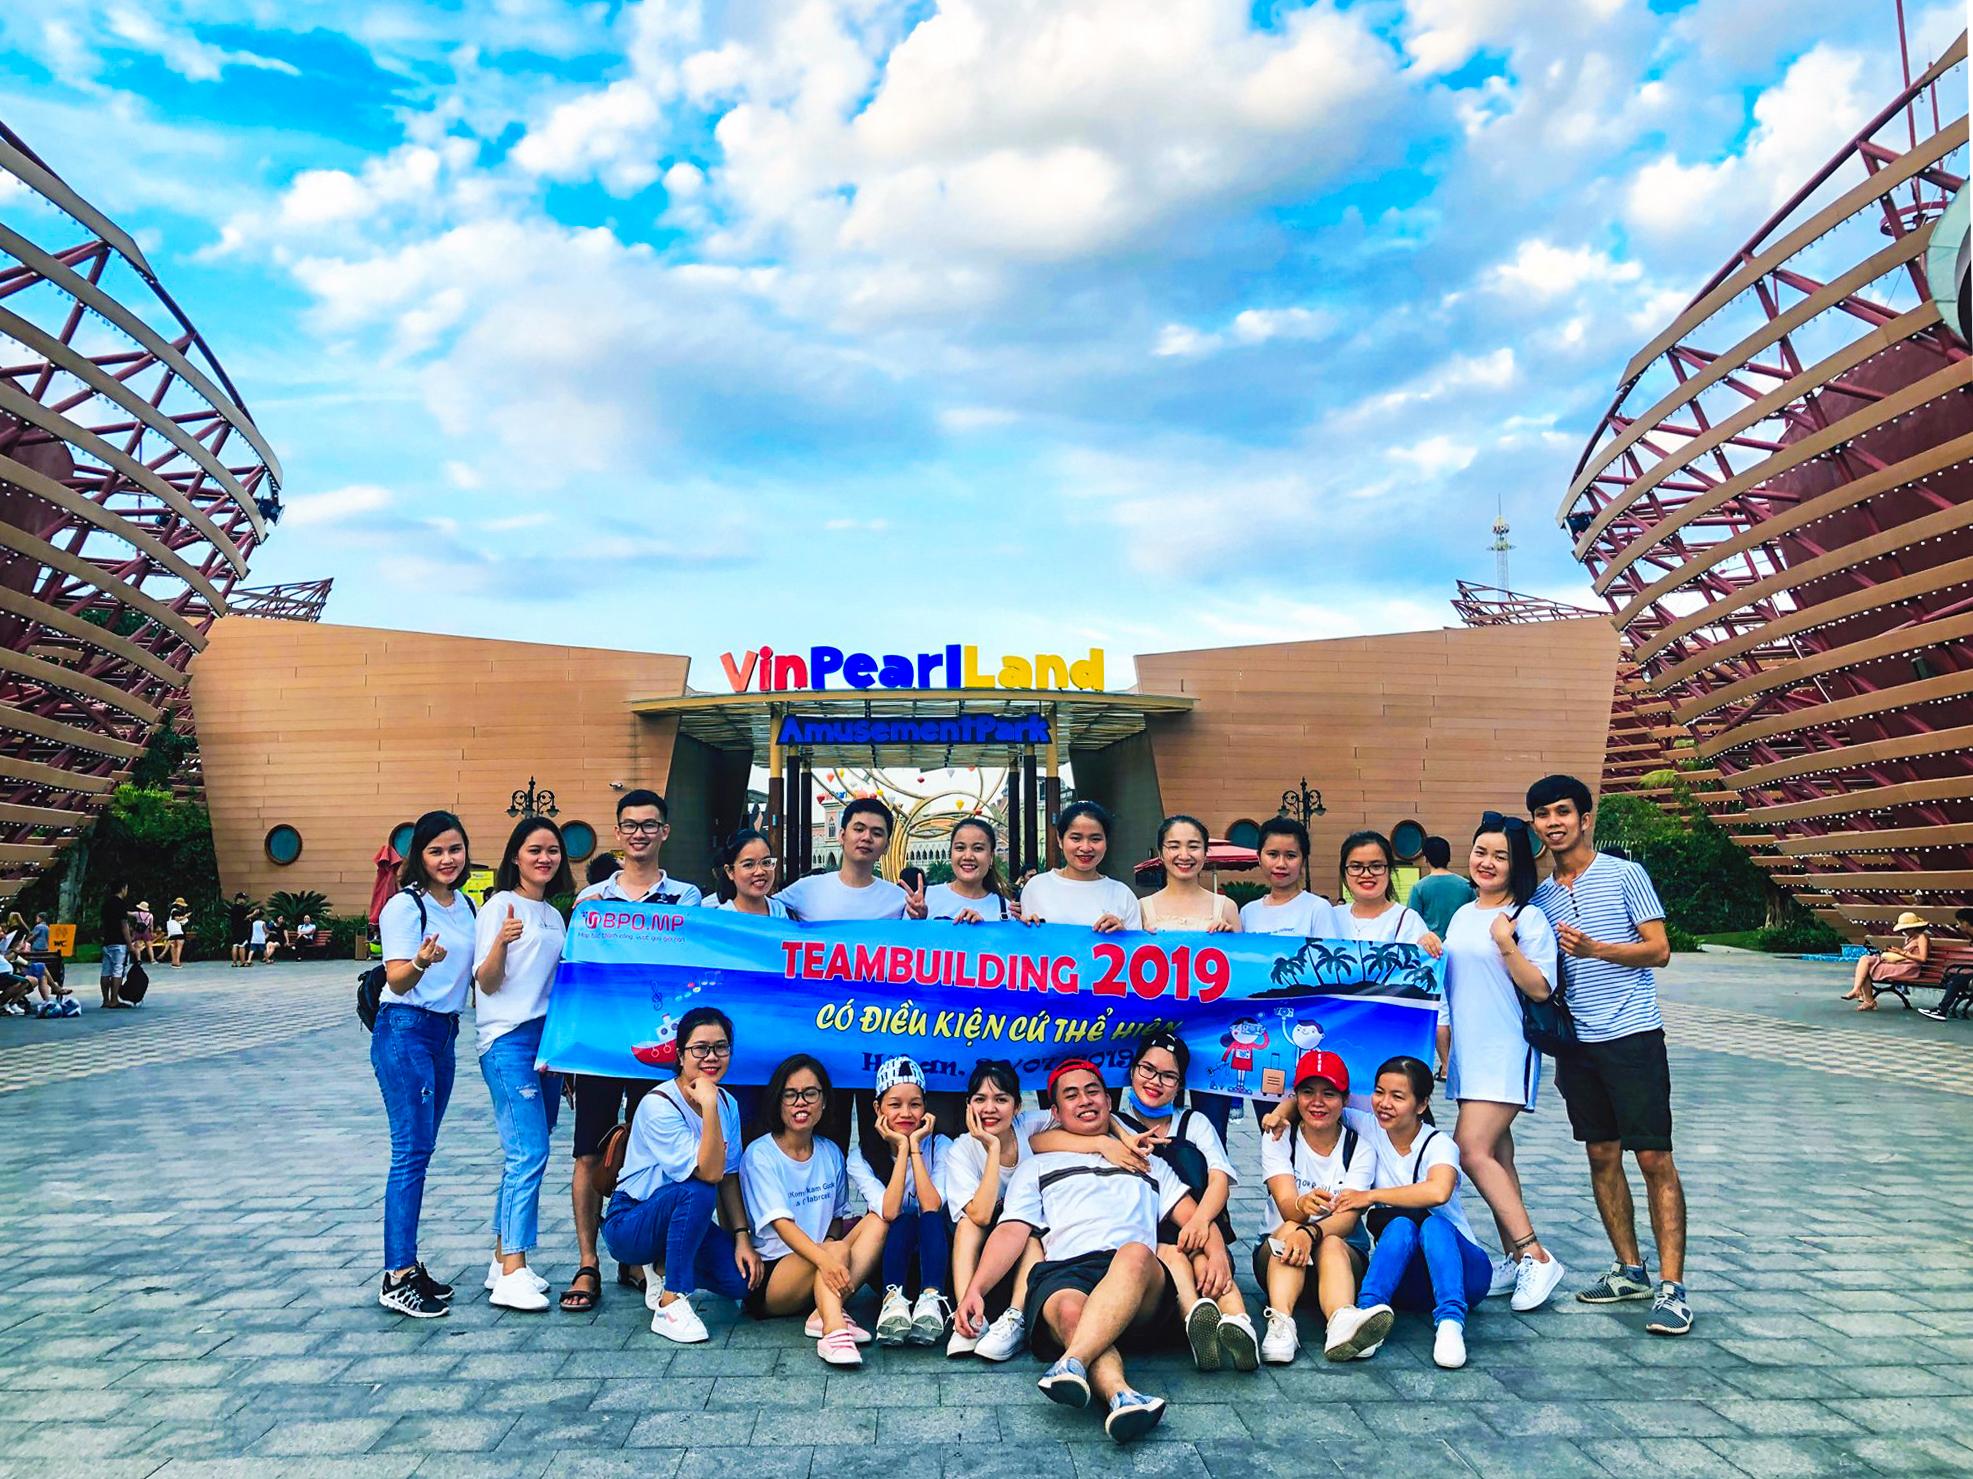 mptelecom-teambuilding-2019-da-nang